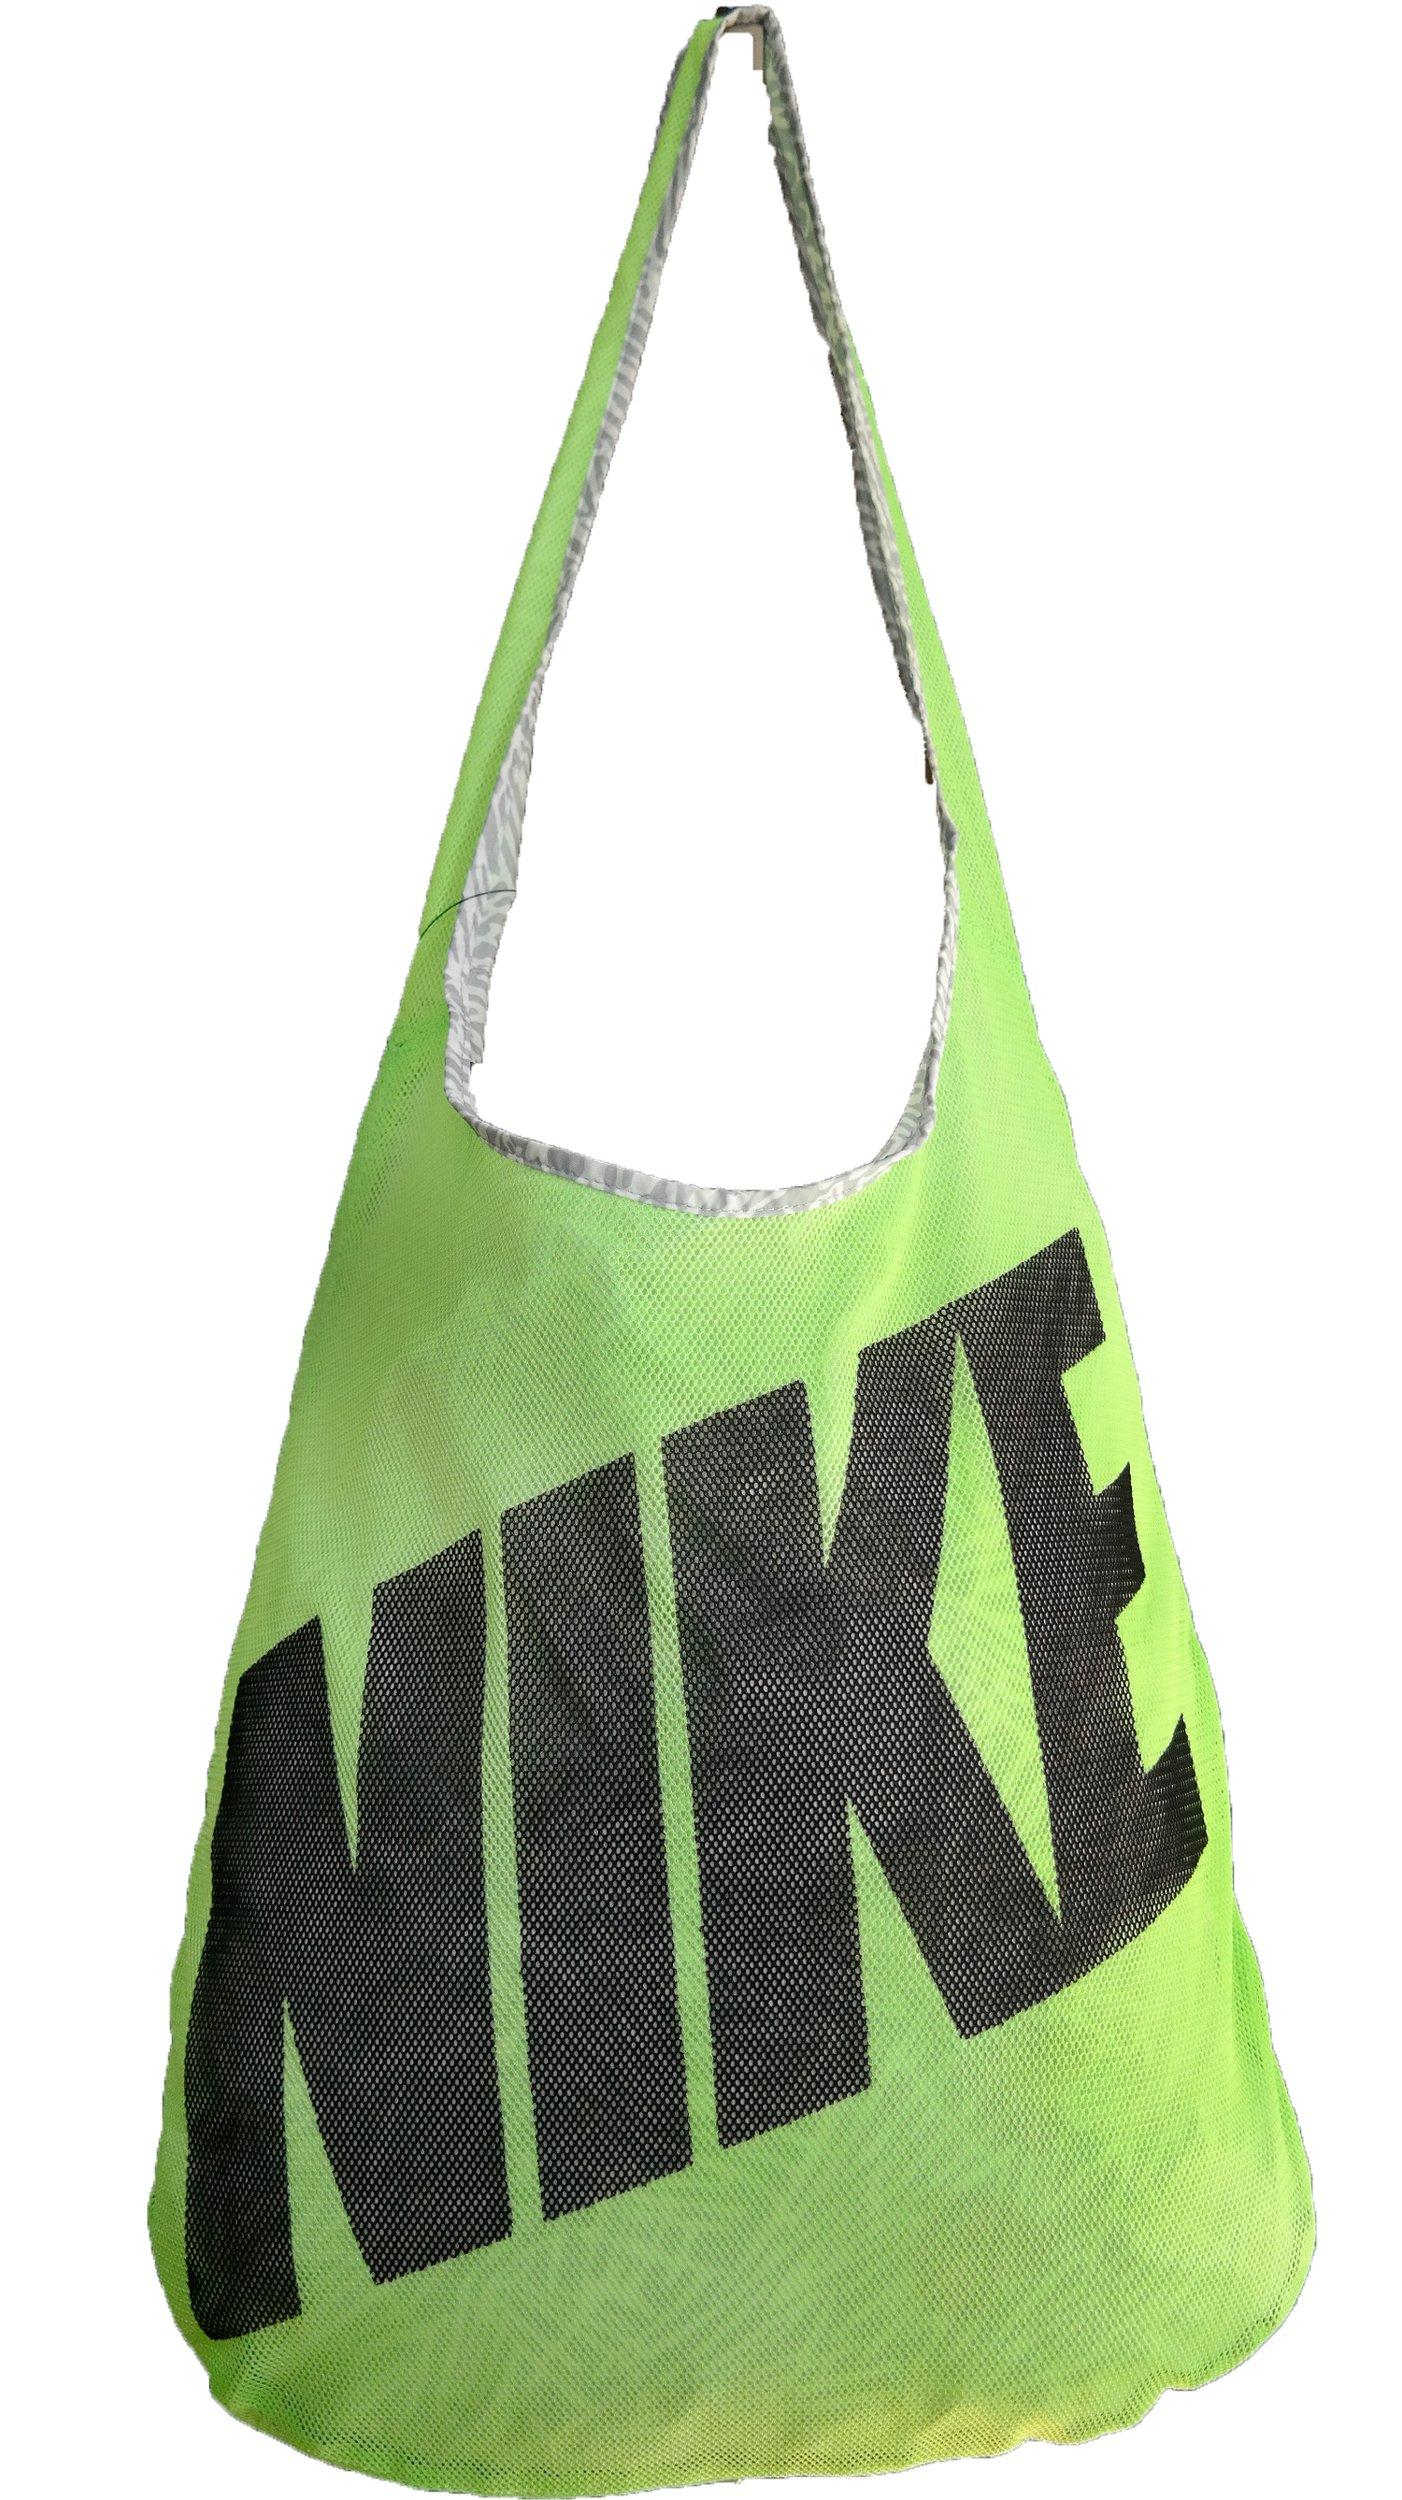 b627002ab1dbb Nike Torba Worek Lekka Trwała Dwustronna, Torby i walizki AN-SPORT